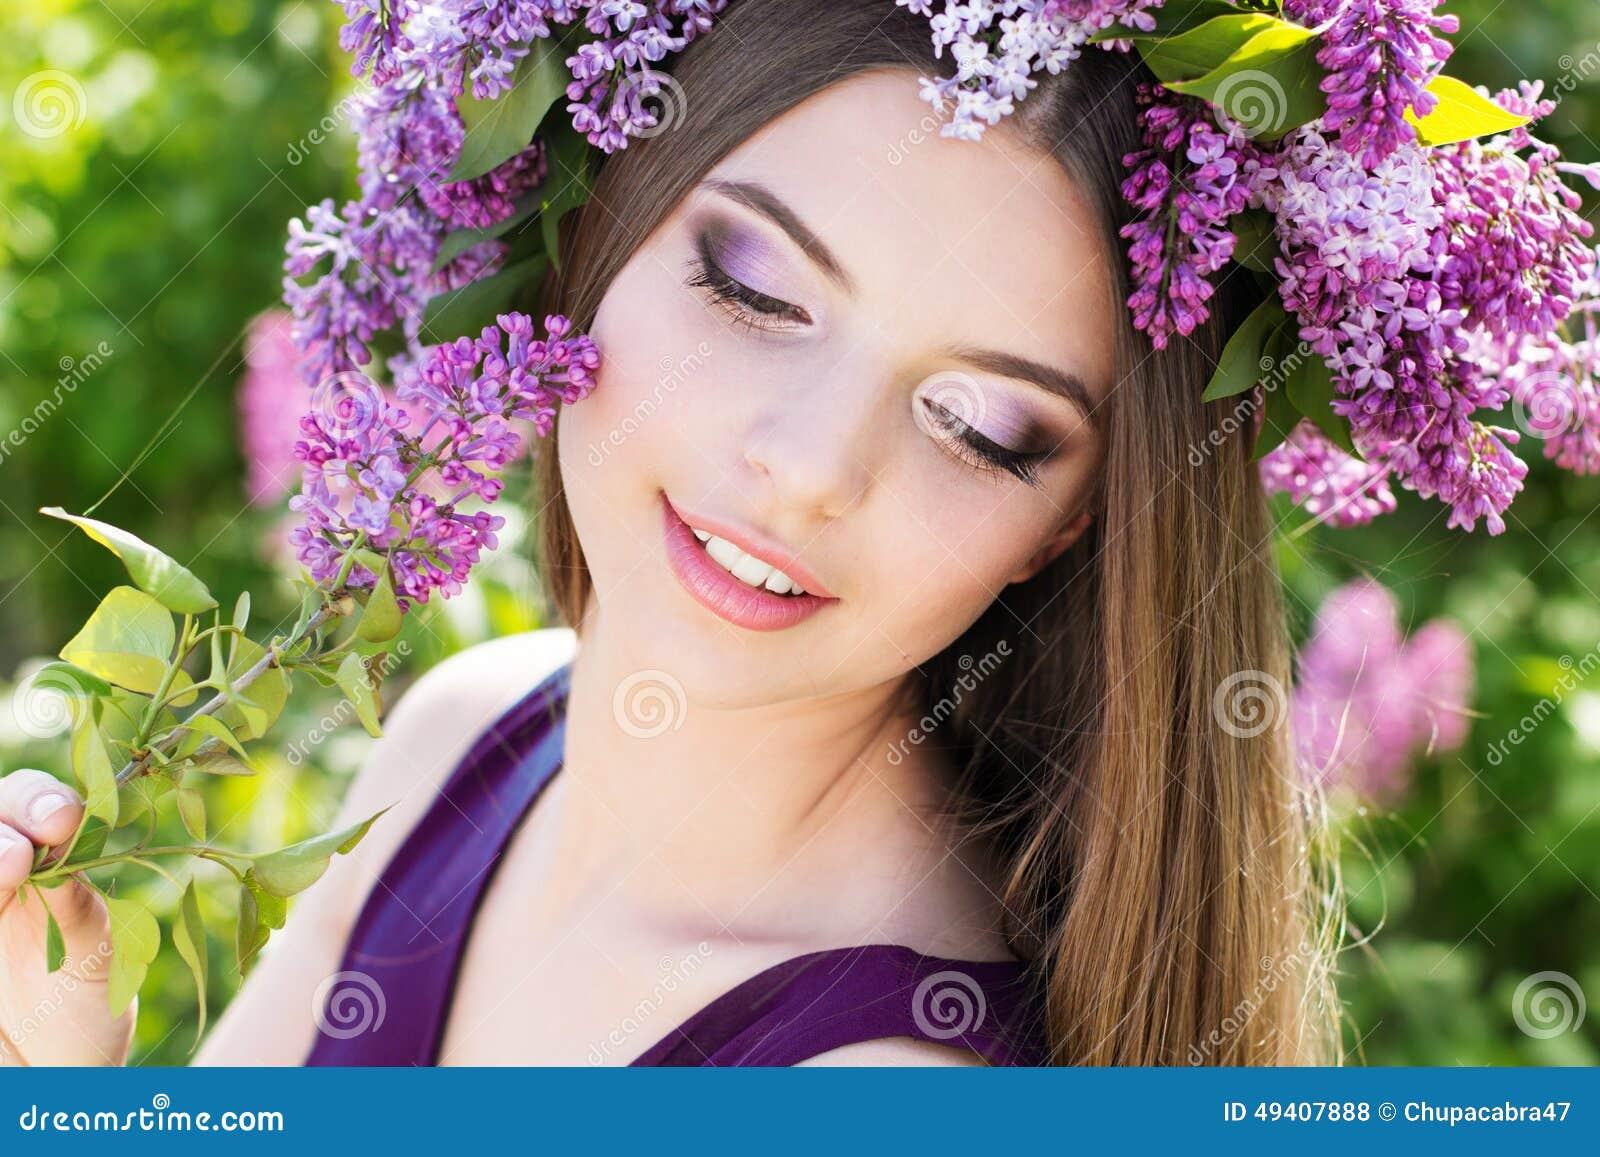 Download Schönes Mädchen Mit Kranz Von Lila Blumen Stockfoto - Bild von attraktiv, kaukasisch: 49407888